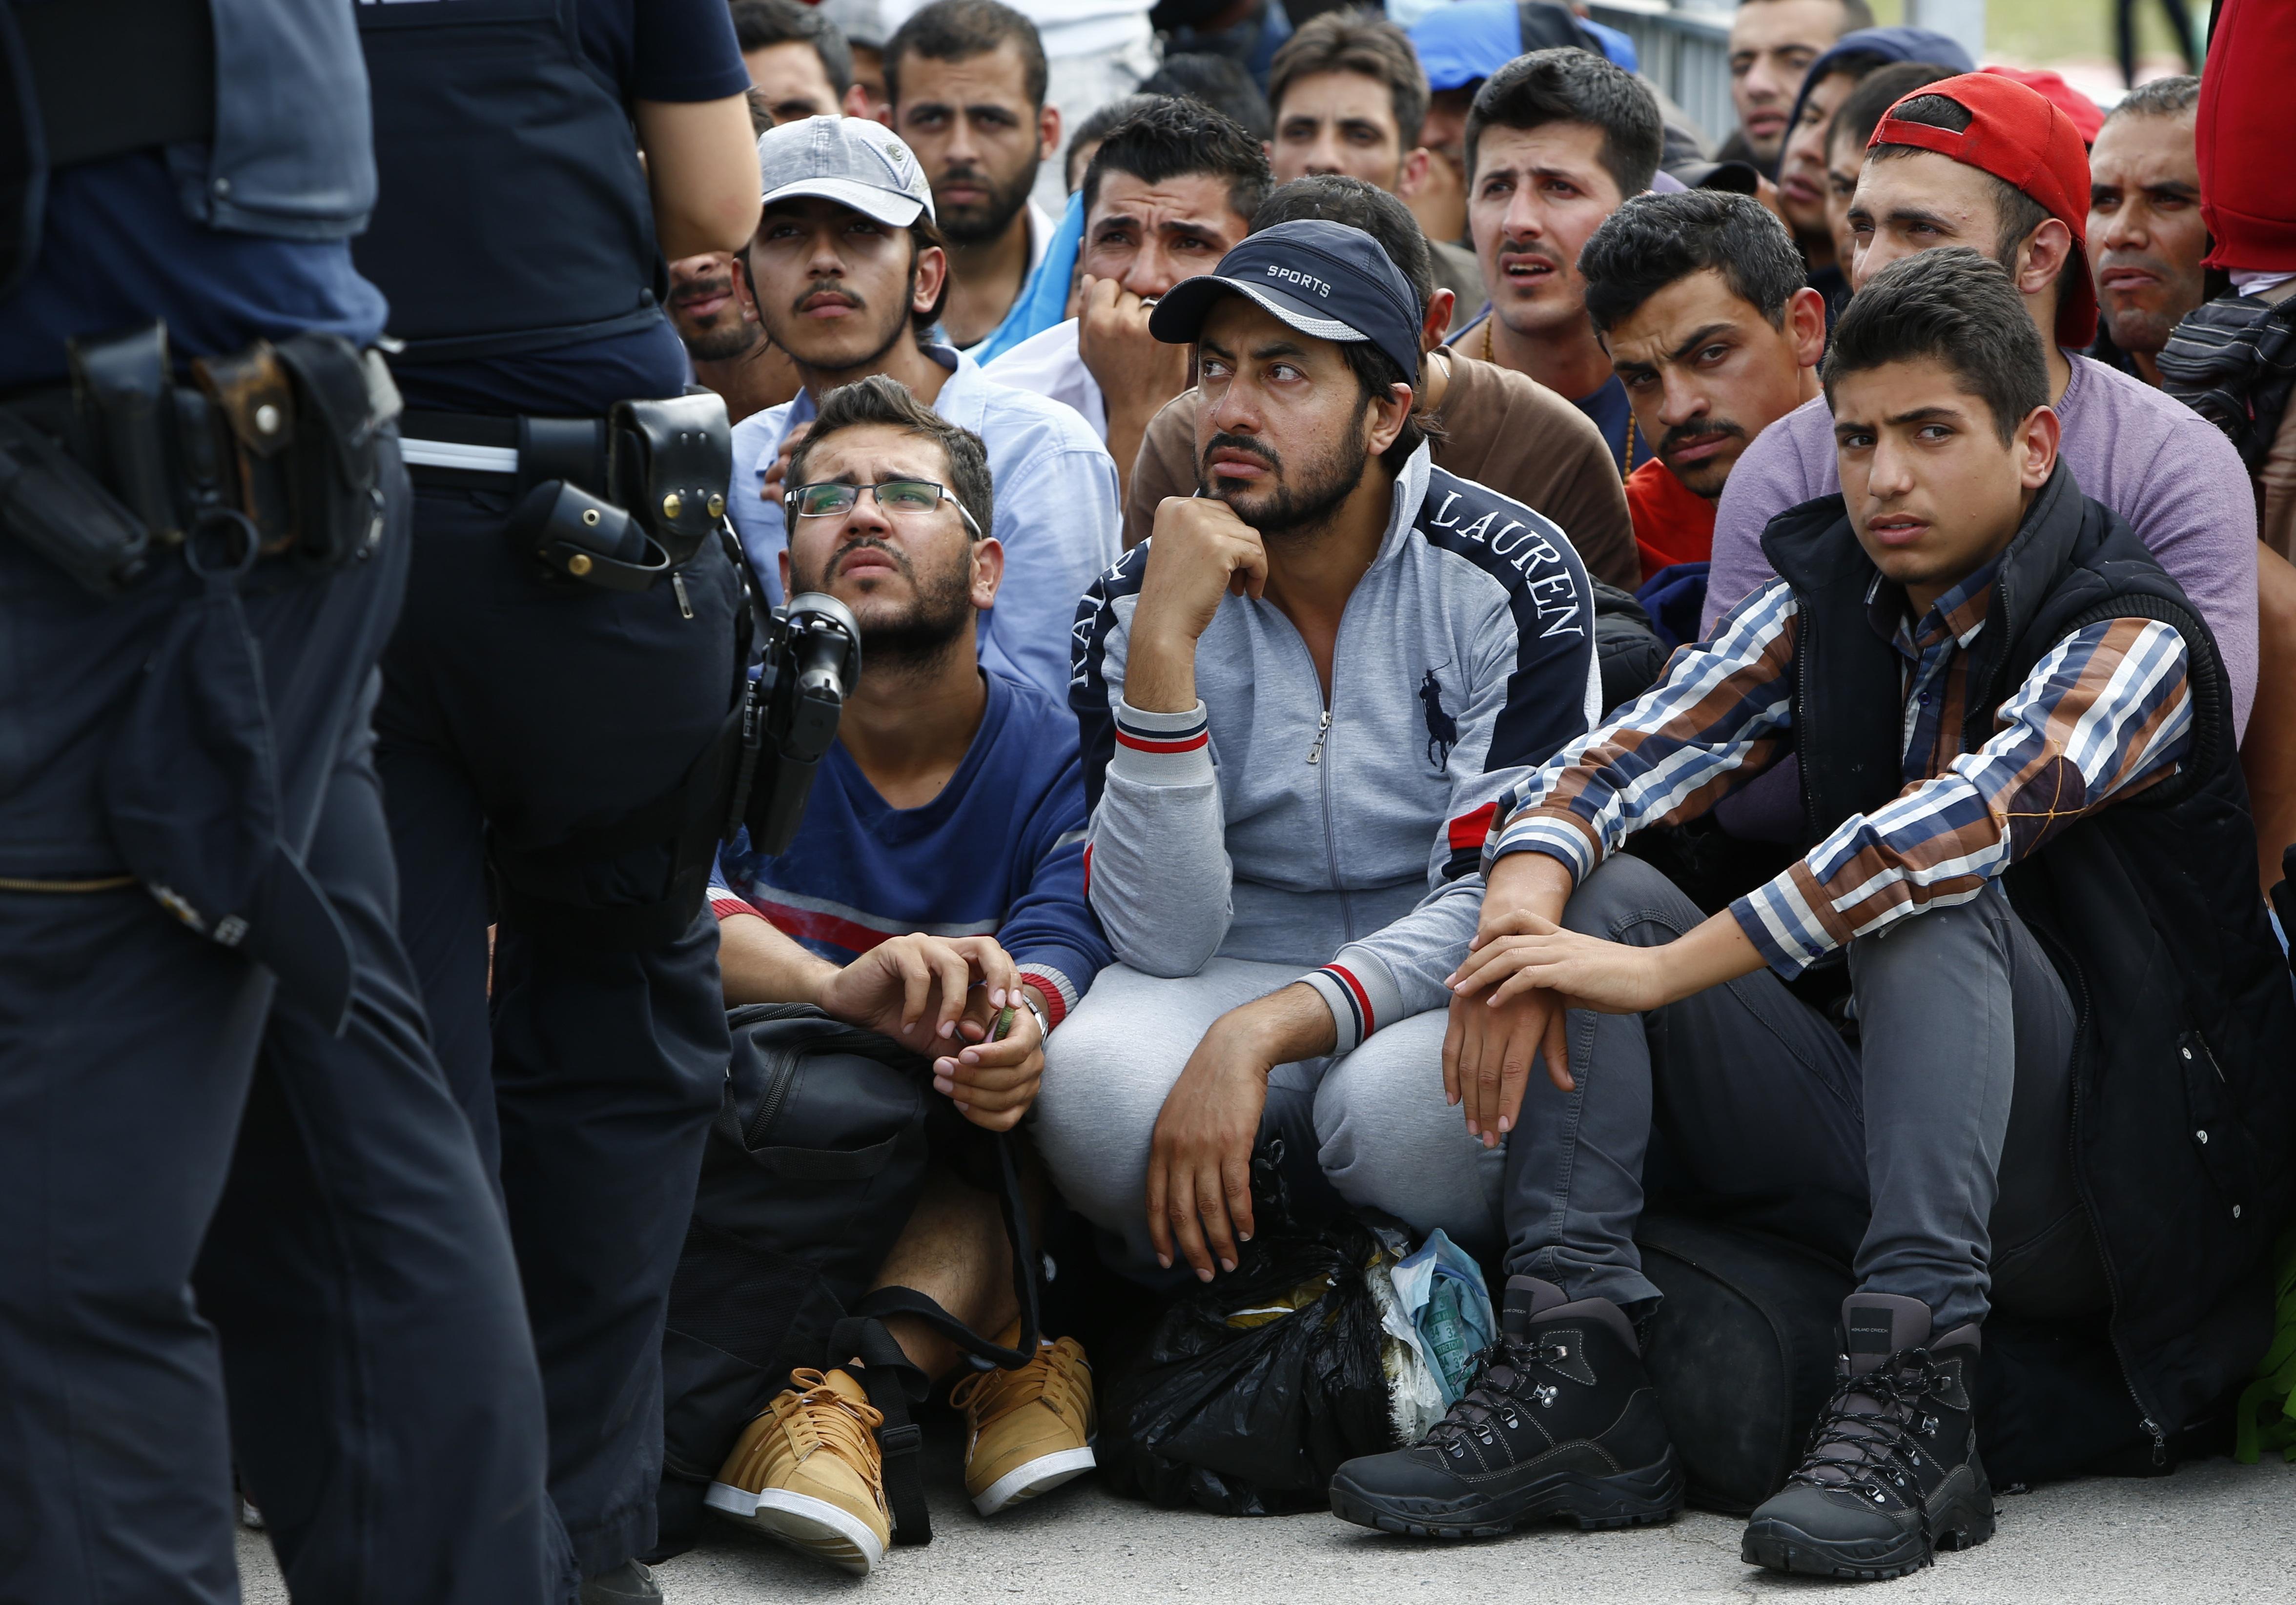 В Европе растет исламофобия: а вы чего ожидали?